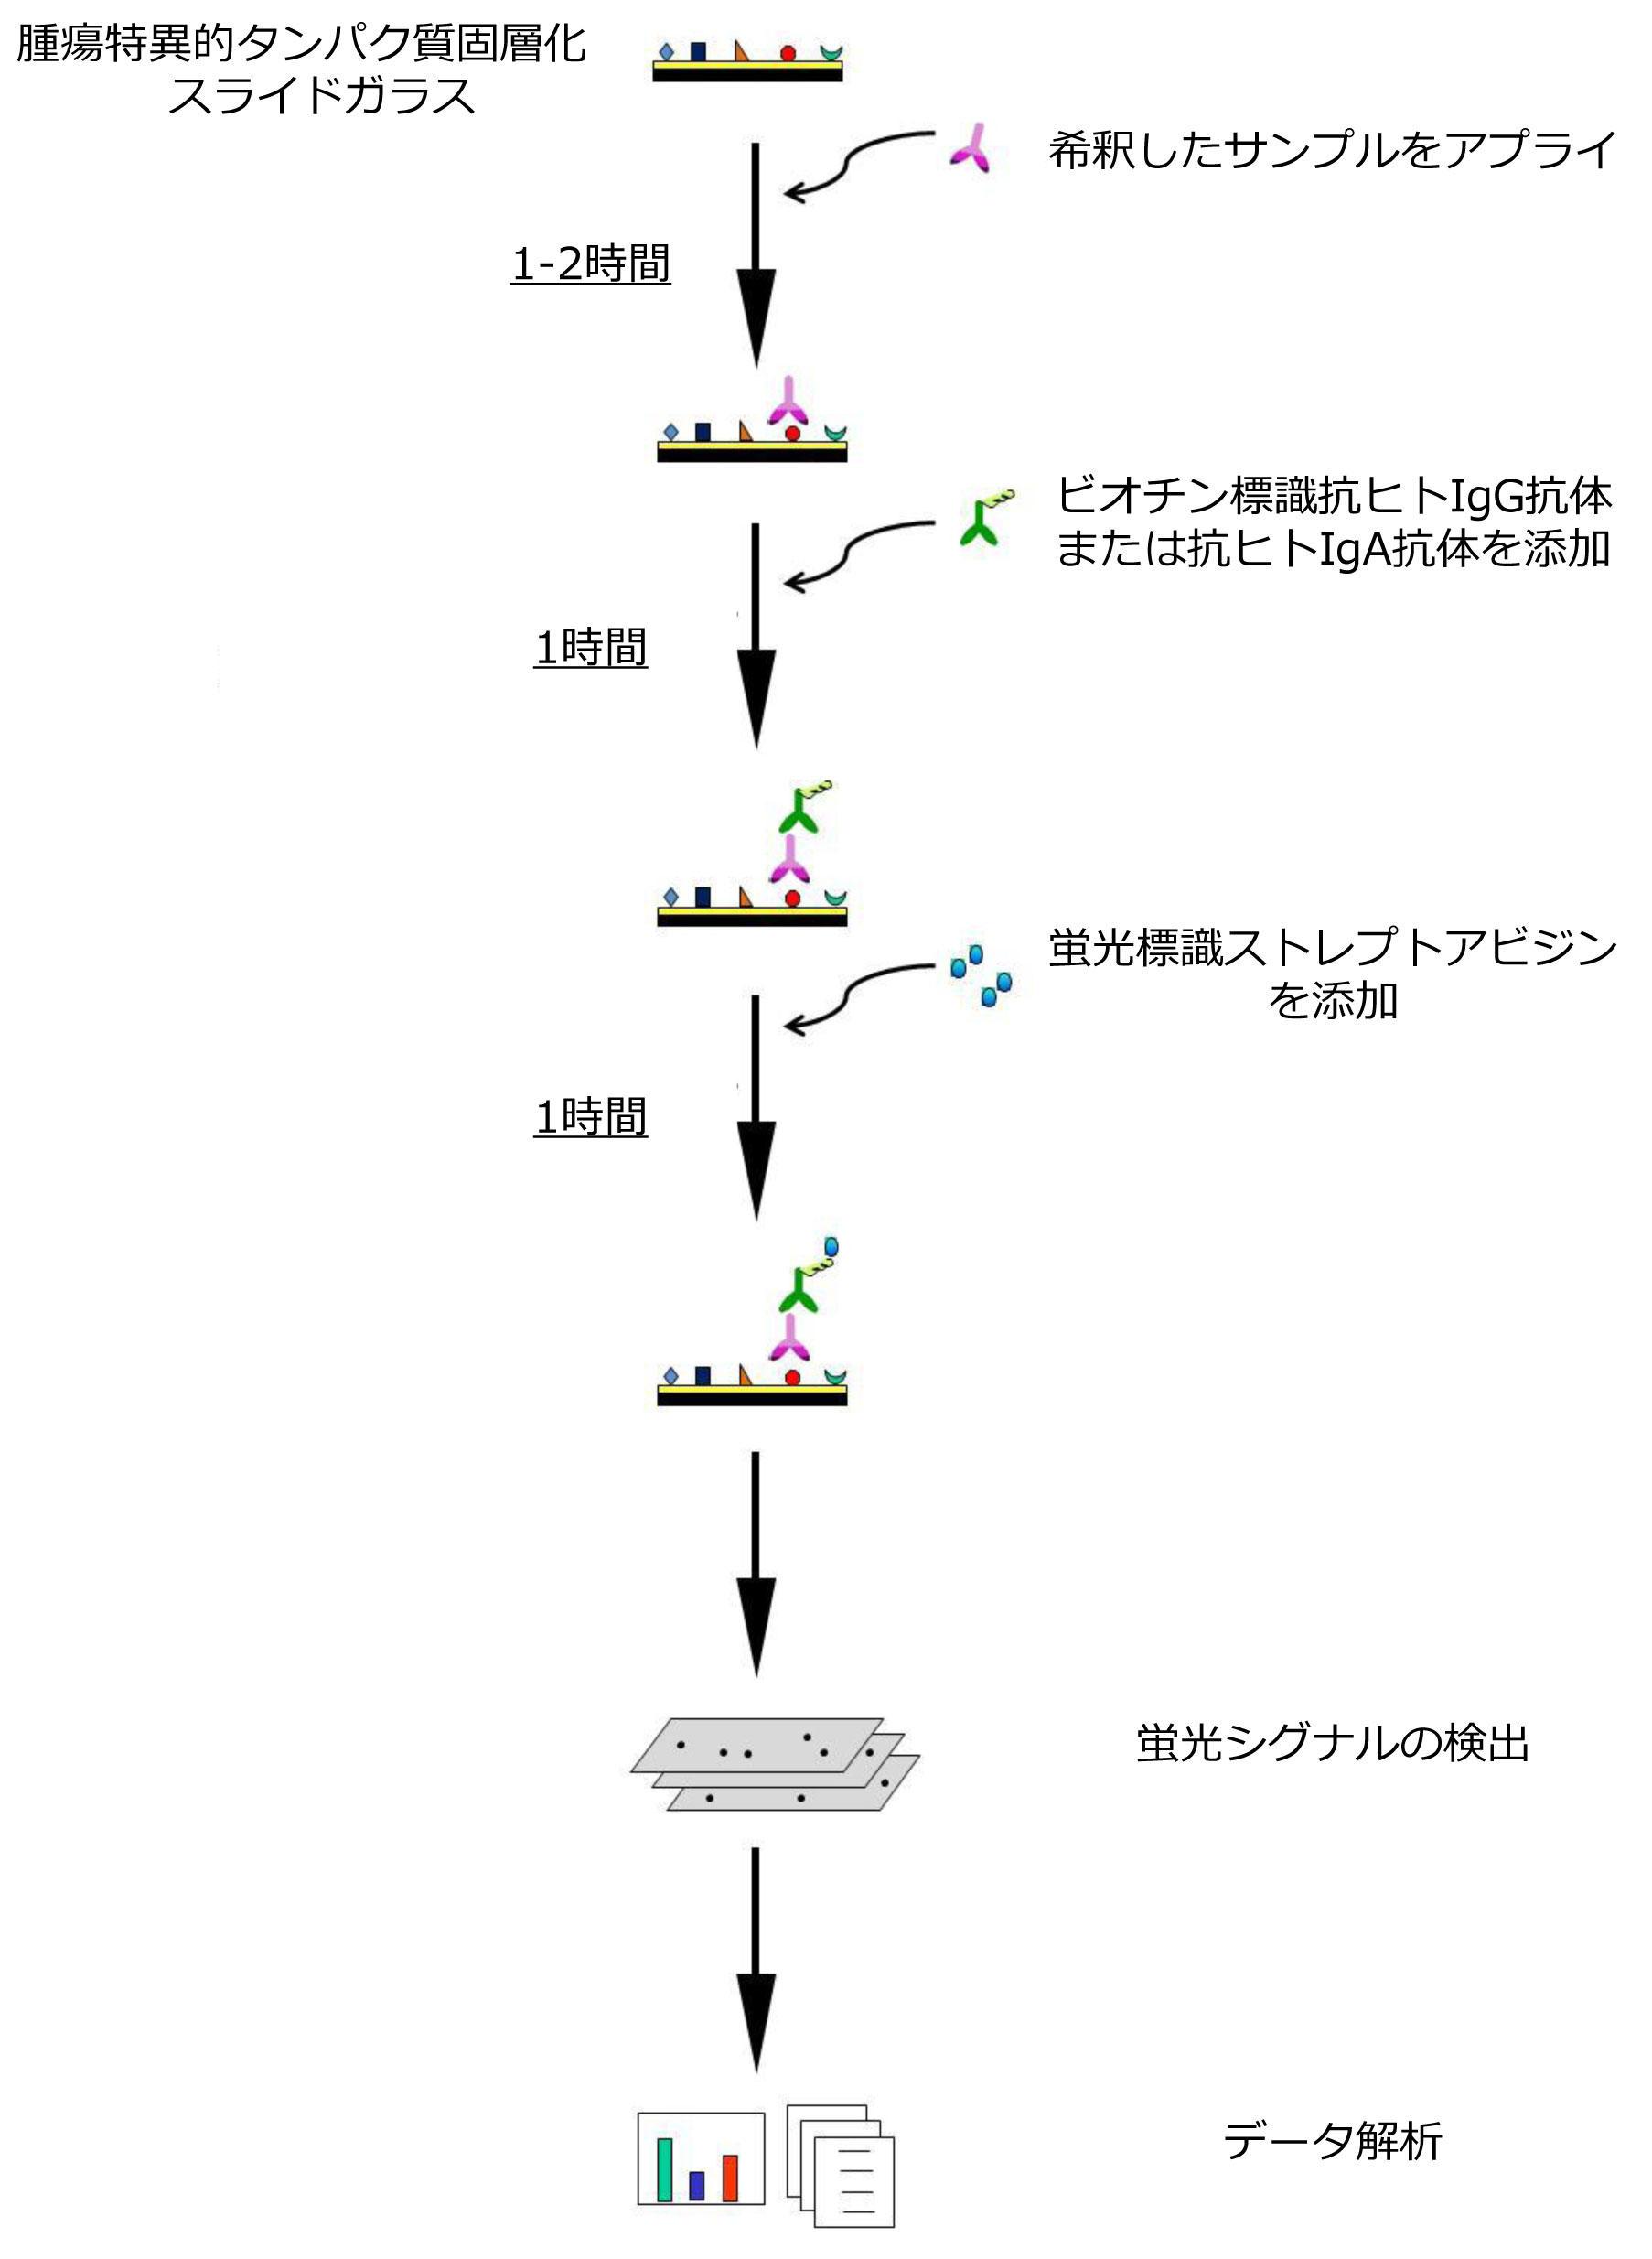 腫瘍関連自己抗体プロテインアレイの測定原理